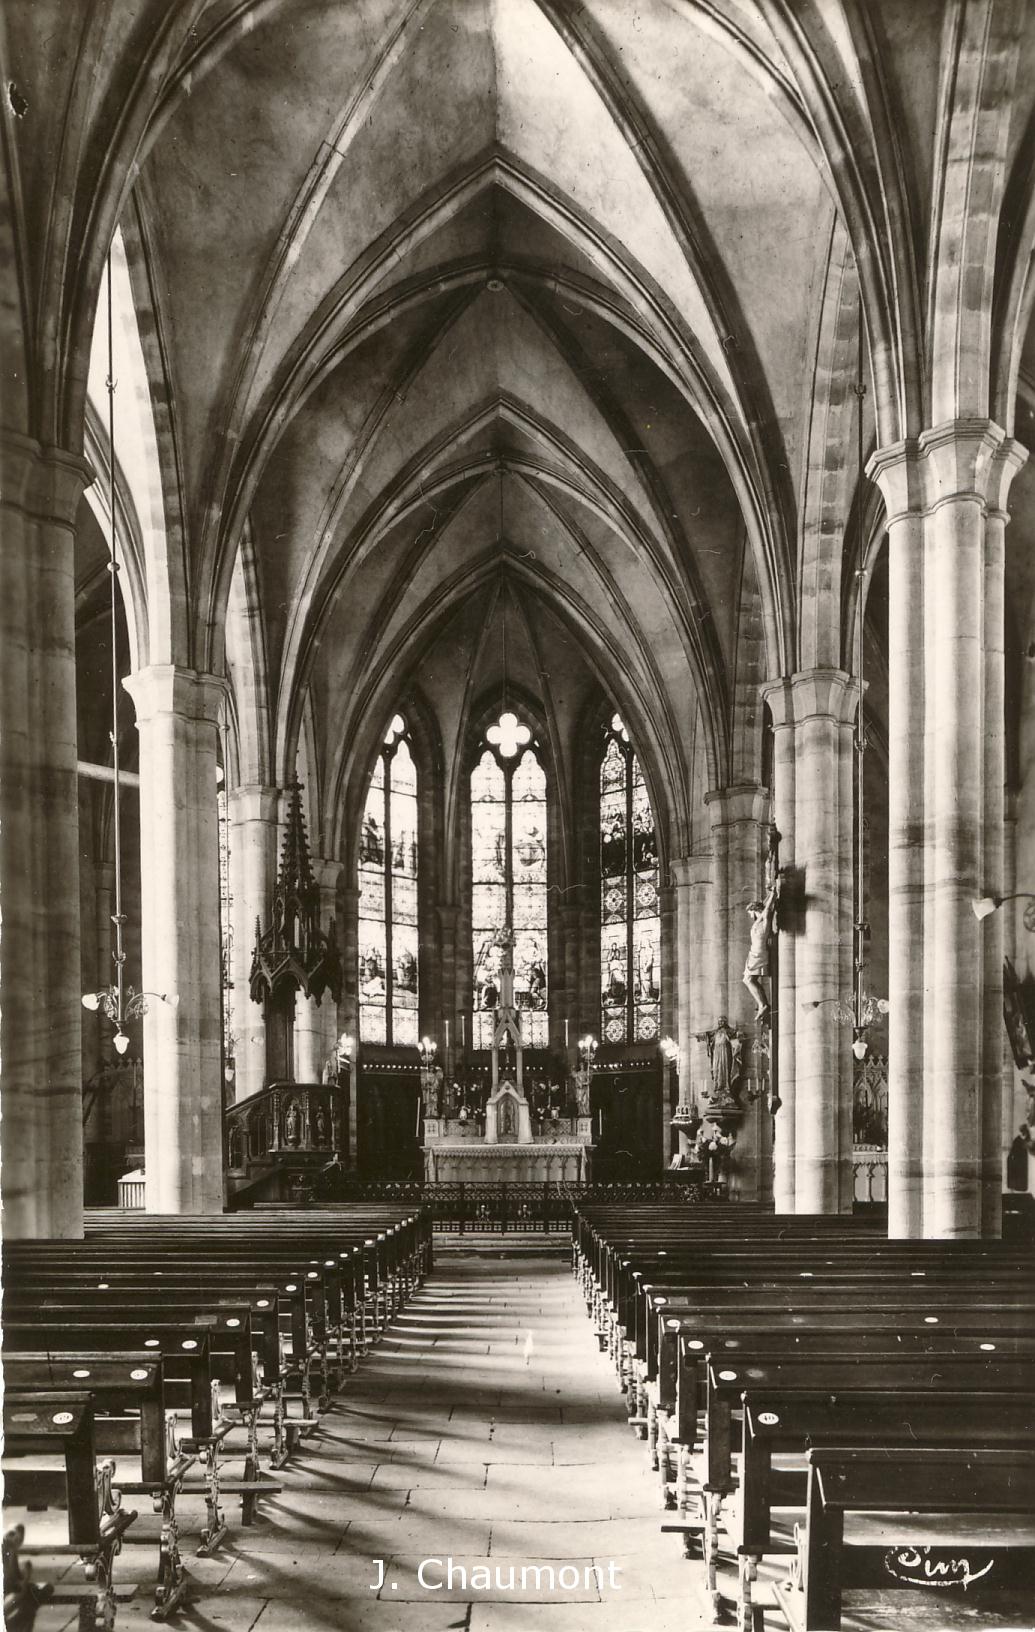 Intérieur de l'Eglise dans les années 1950